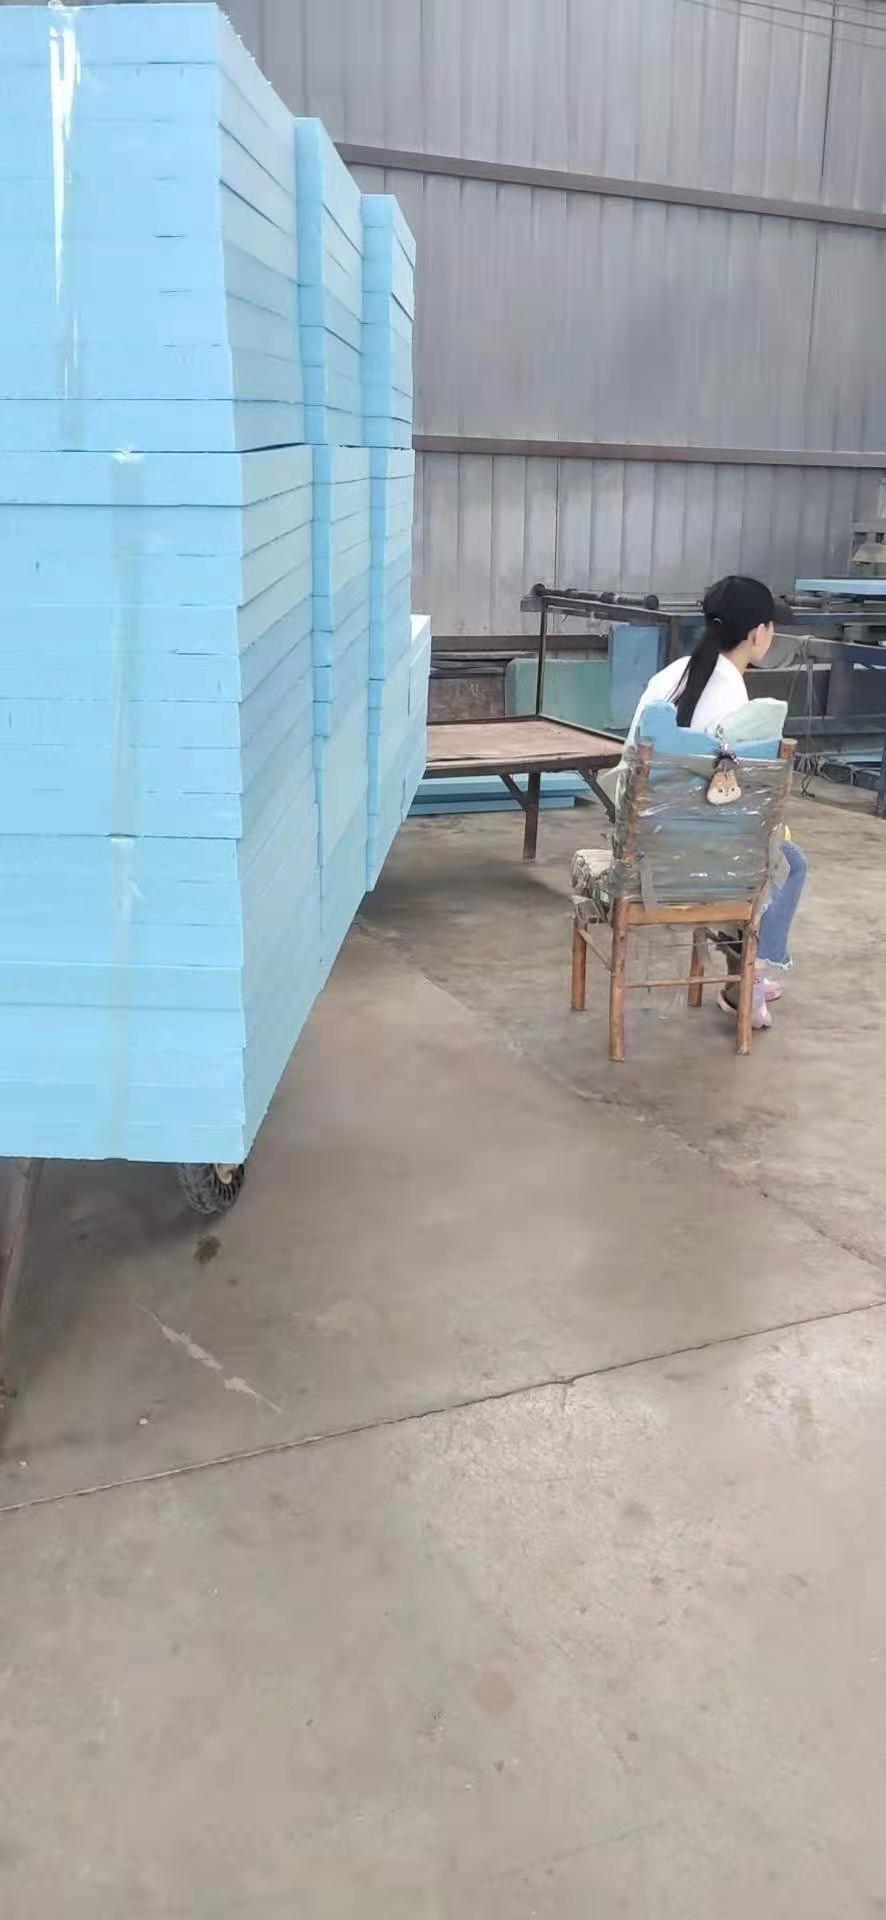 昆明擠塑板廠家聯系電話 云南擠塑板 保溫板 隔熱板